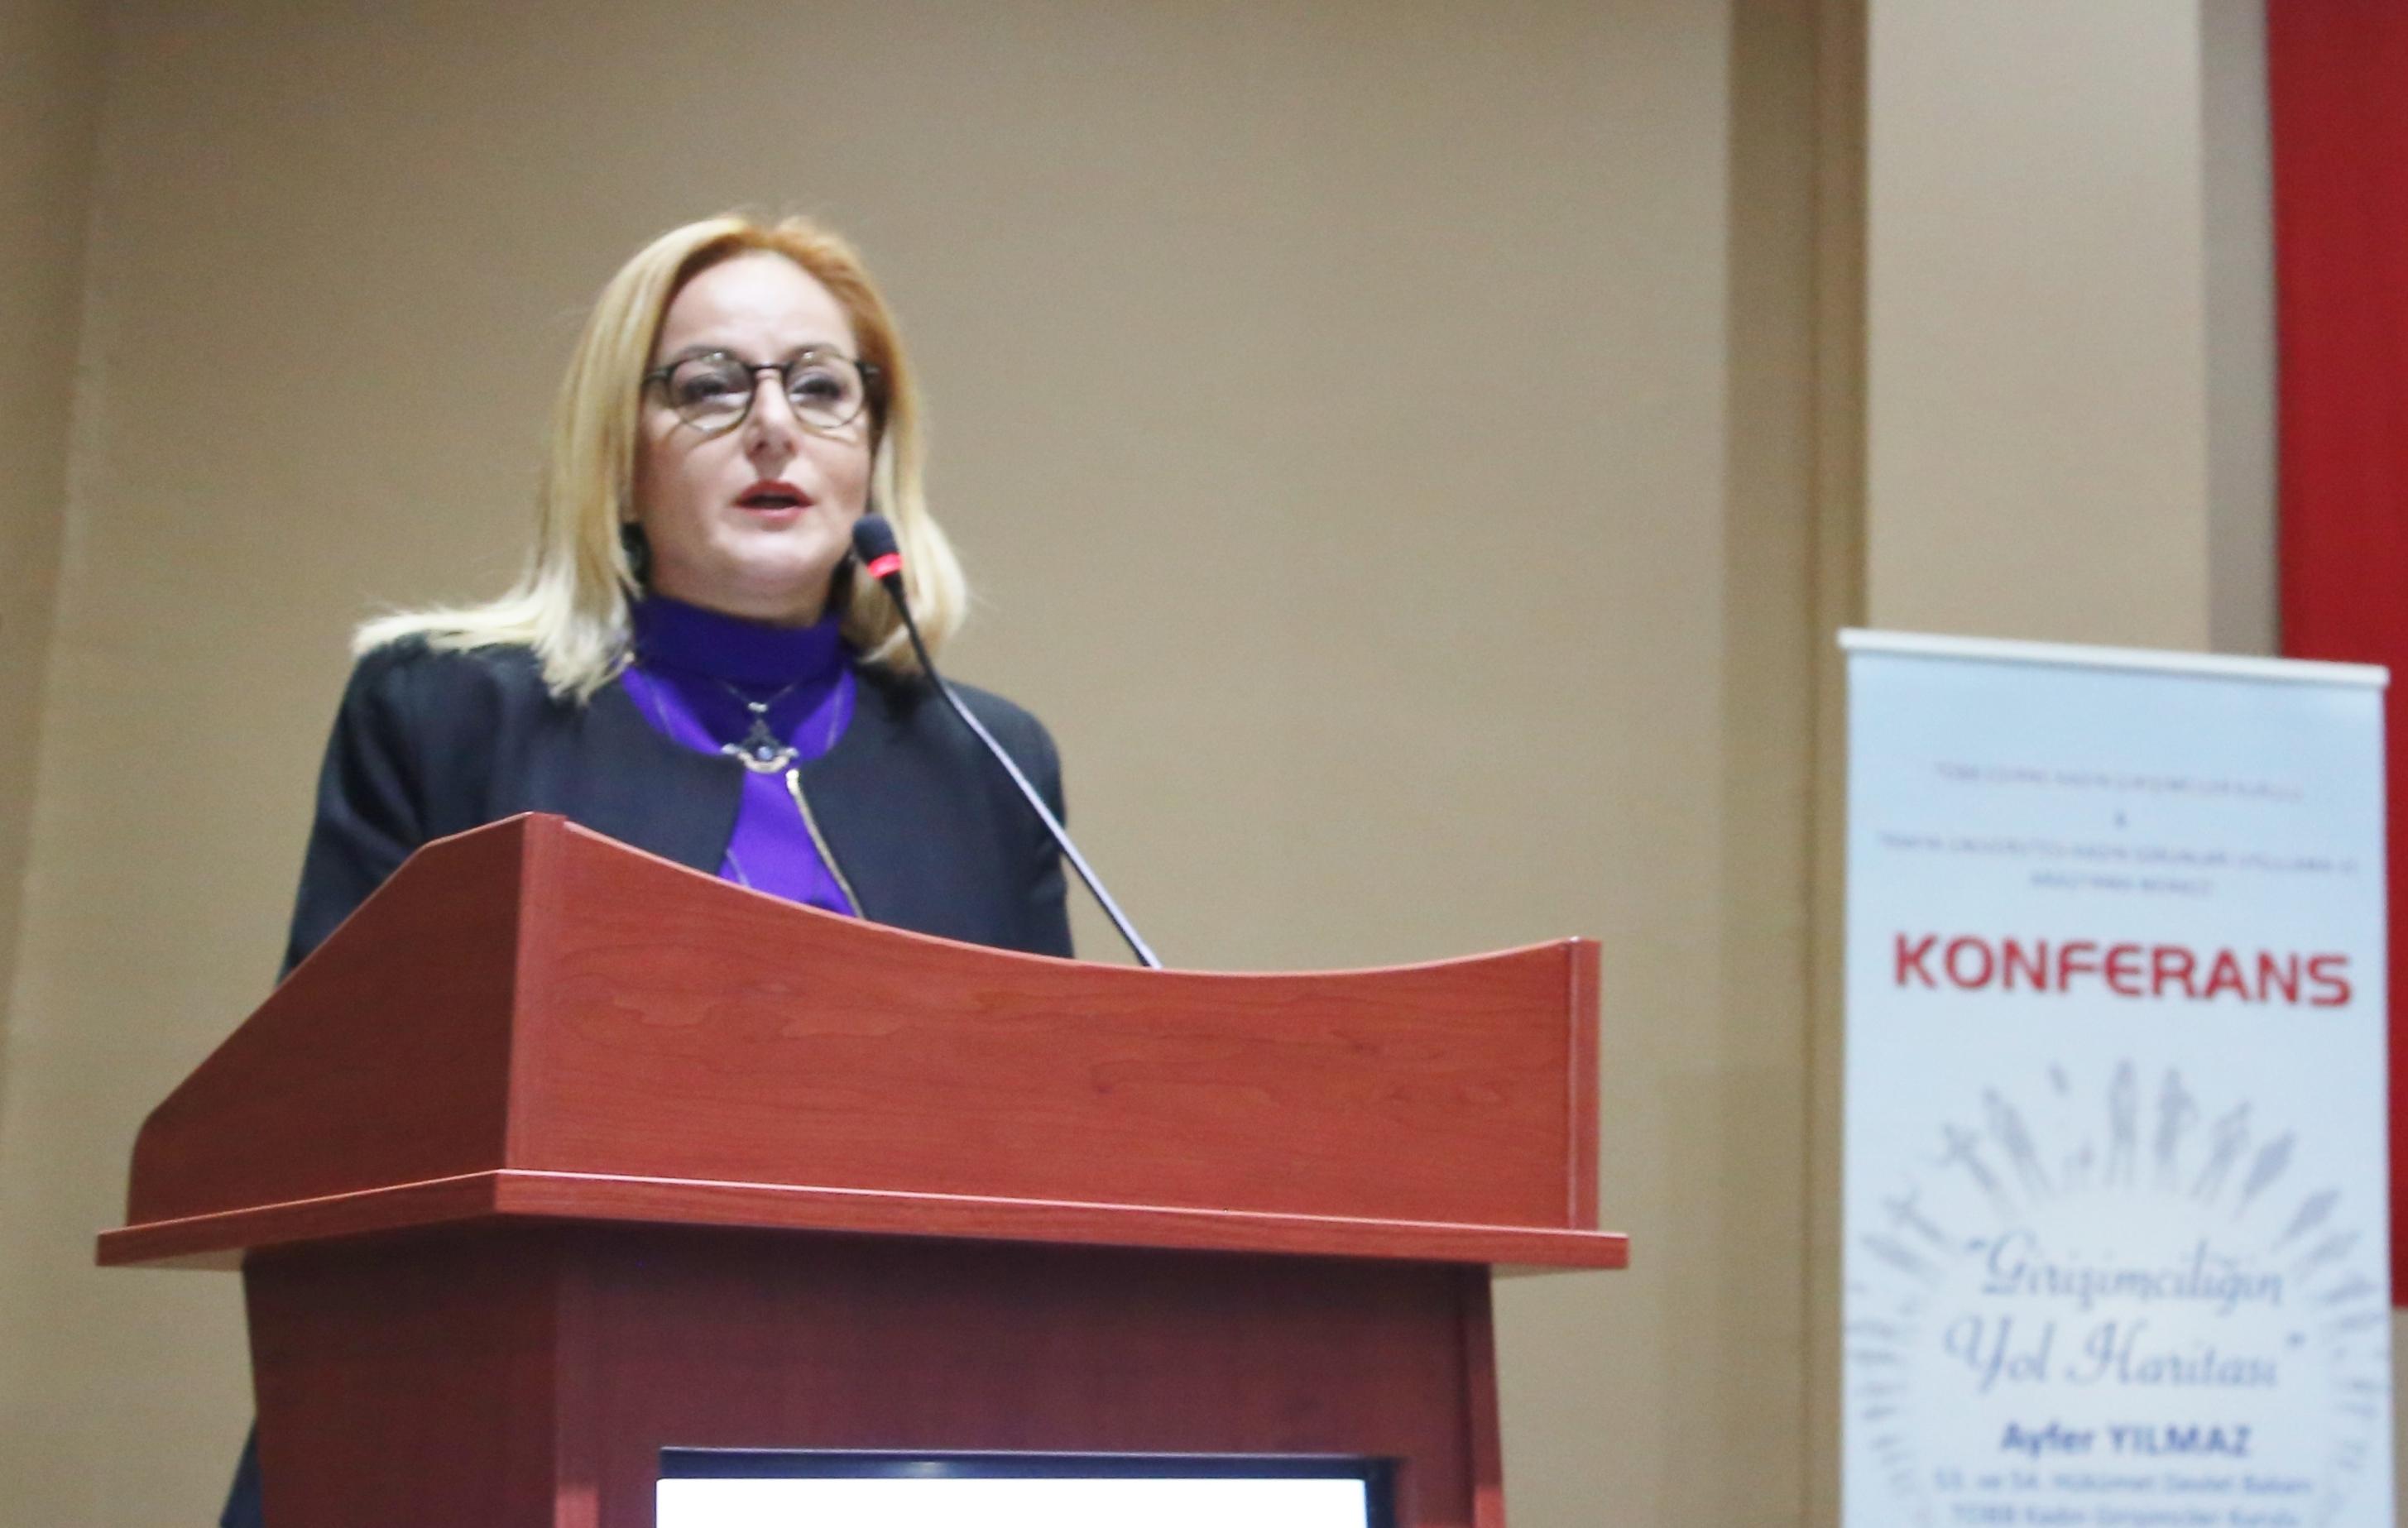 Girişimciliğin Yol Haritası konferansı Edirne'de yapıldı